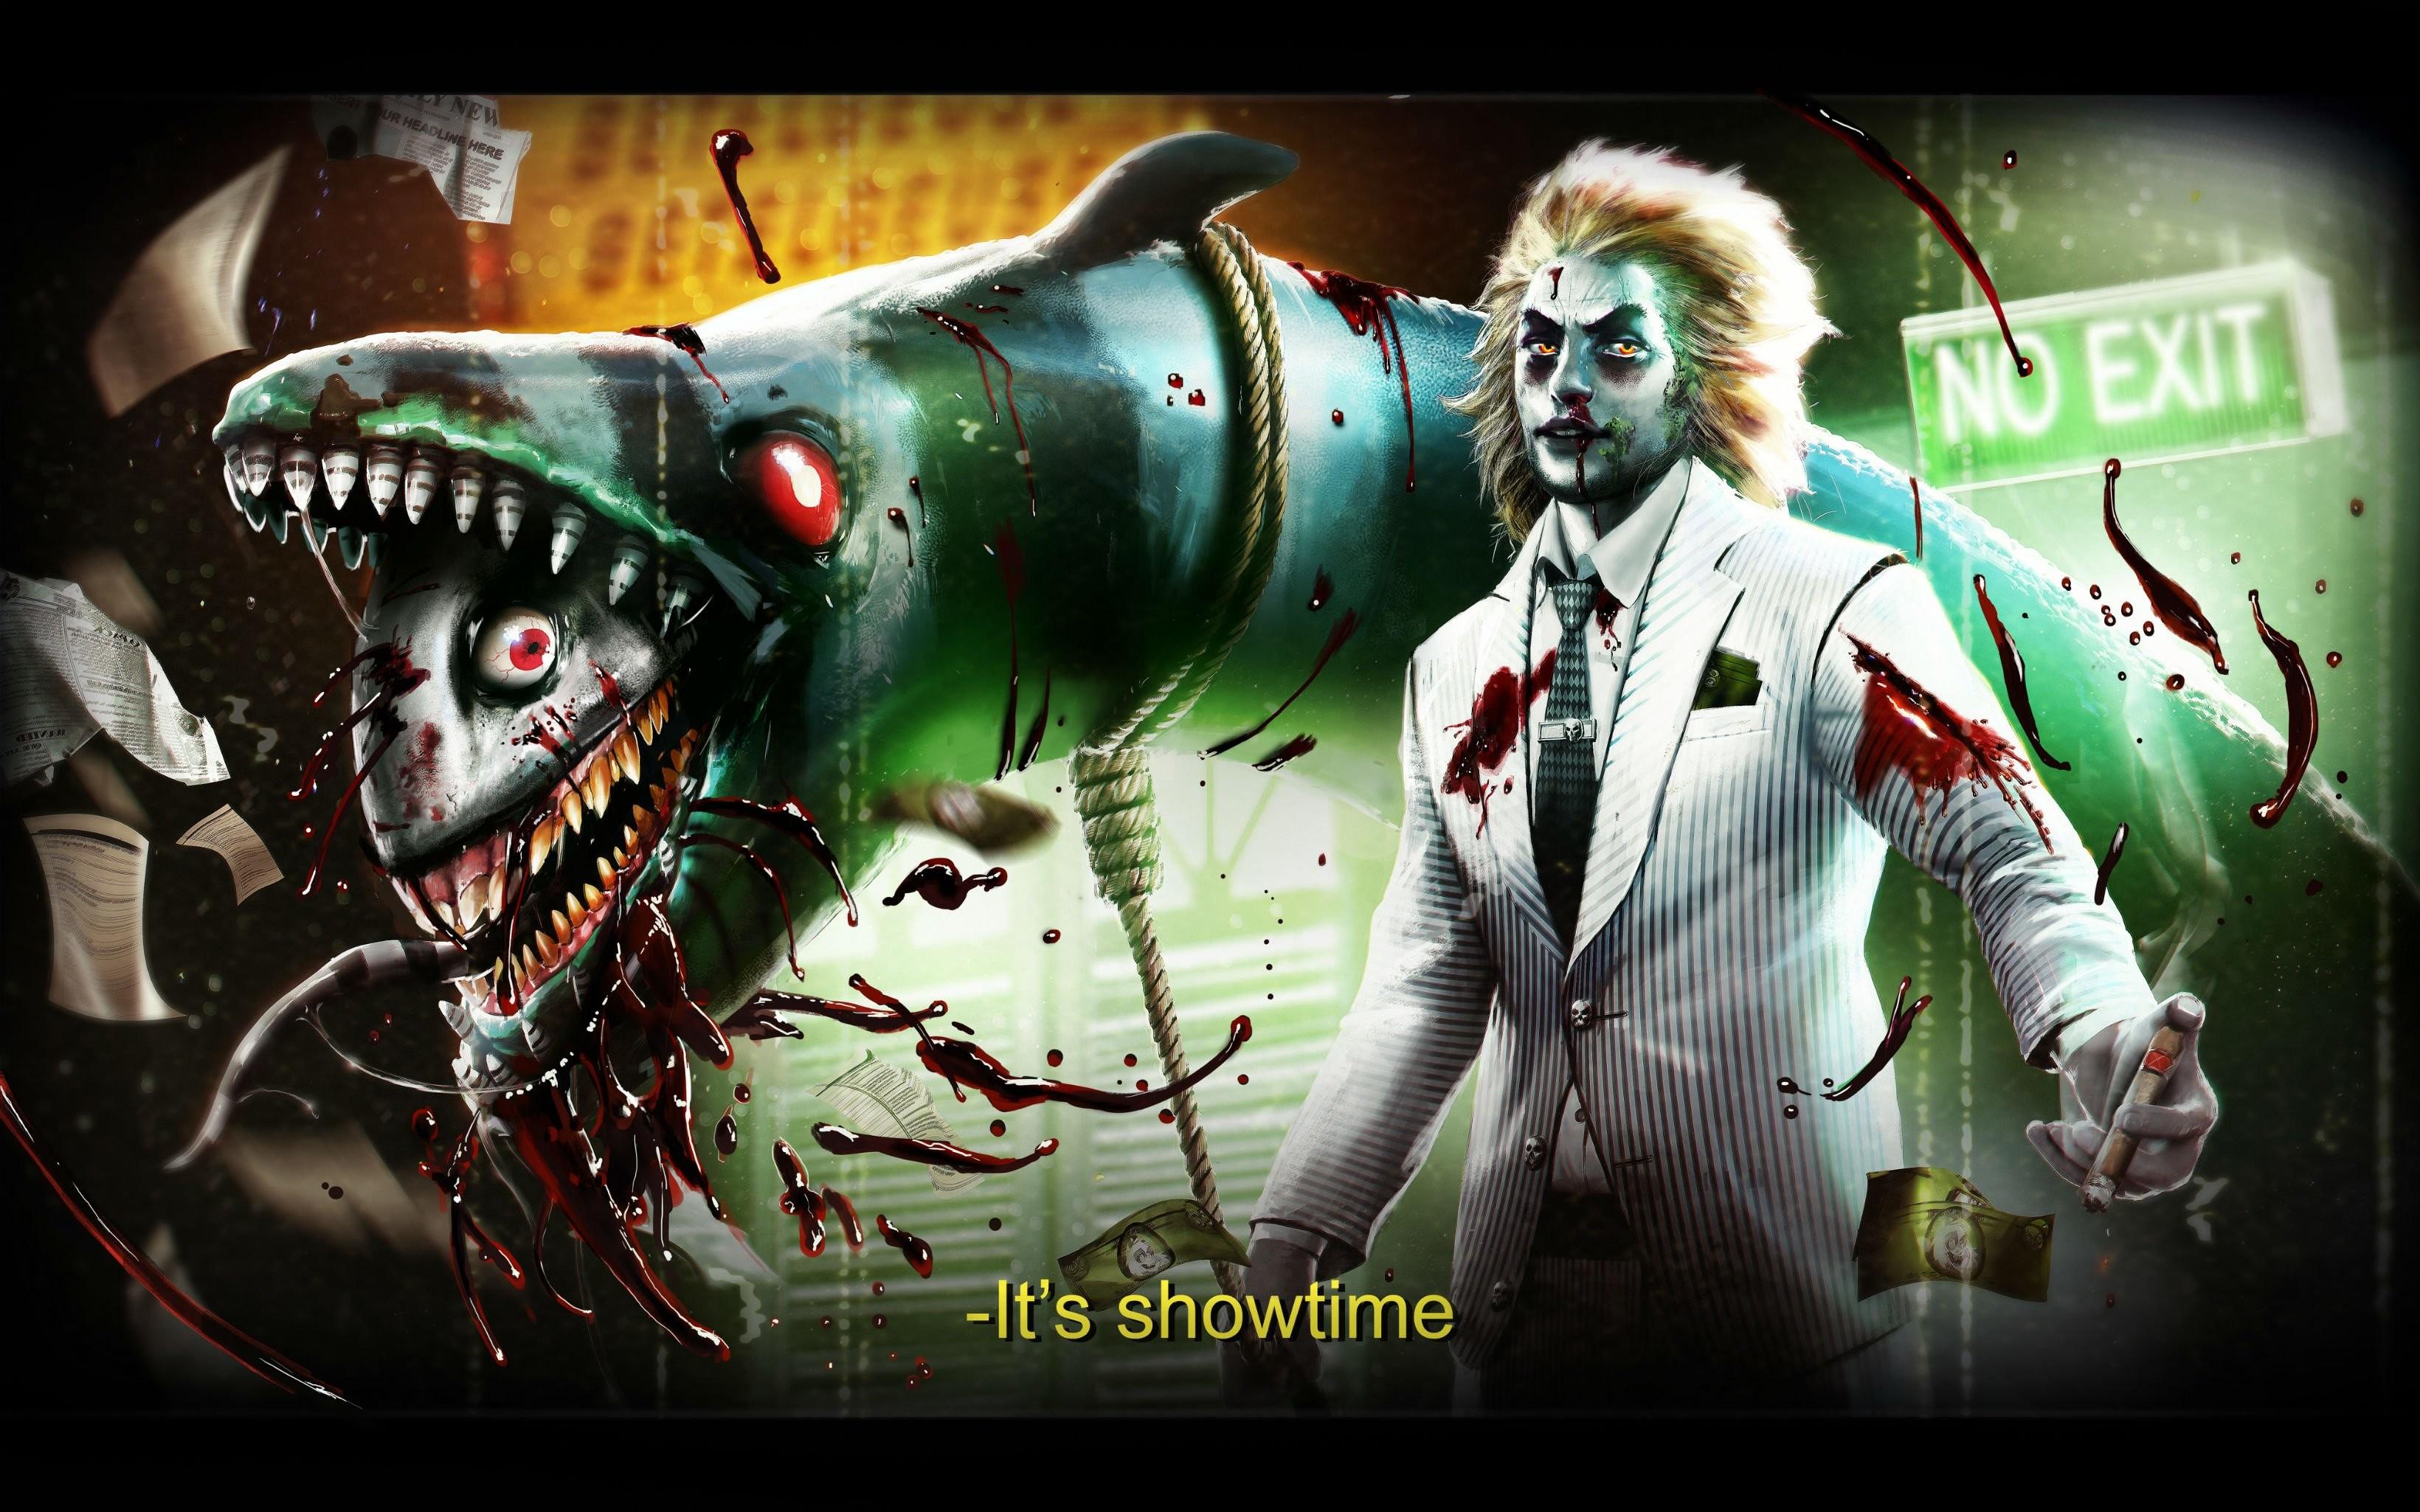 Download Wallpaper 750×1334 Alien isolation, Game, Monster, Horror .